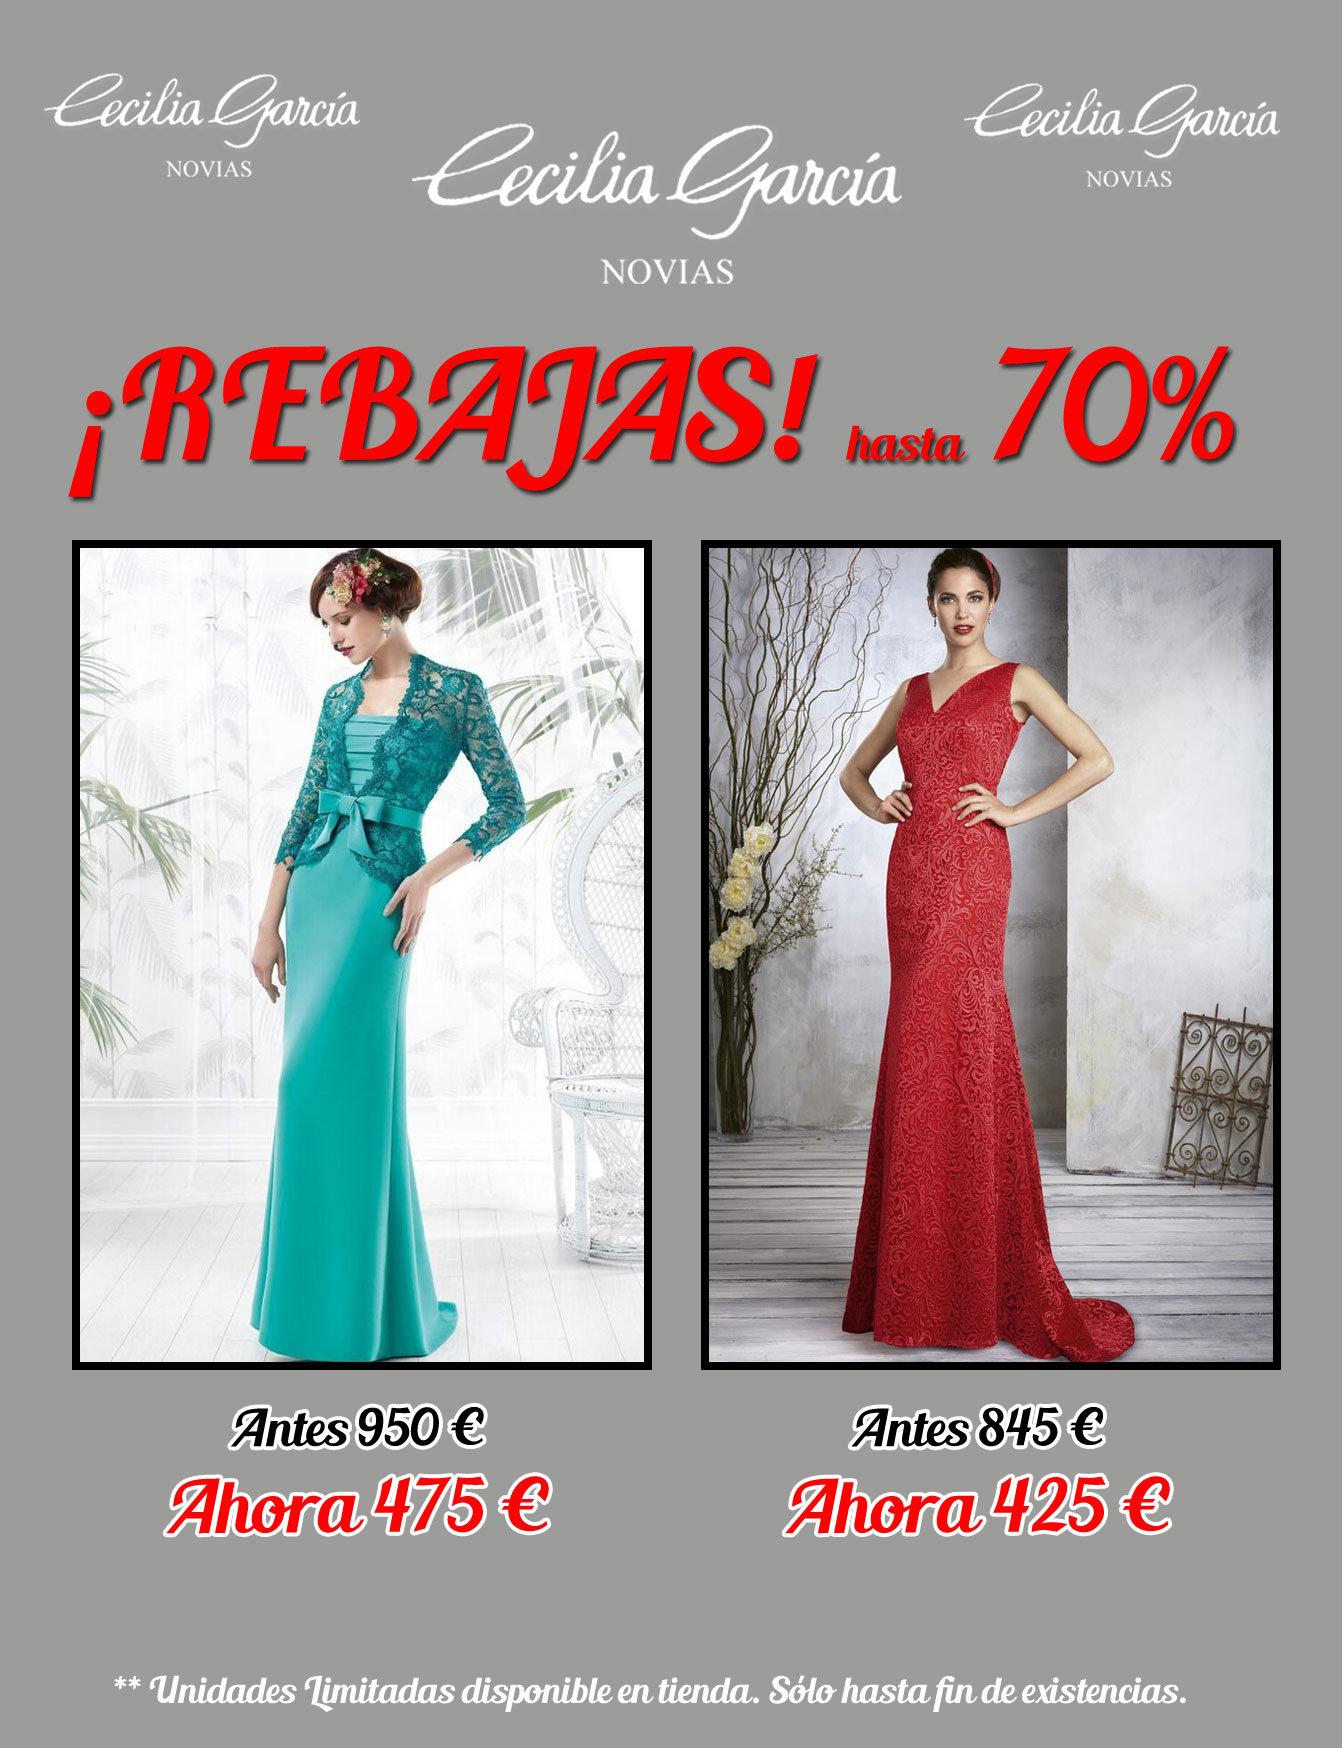 840a77dd3 vestidos de fiesta con descuento en Cecilia García Novias - Tienda ...